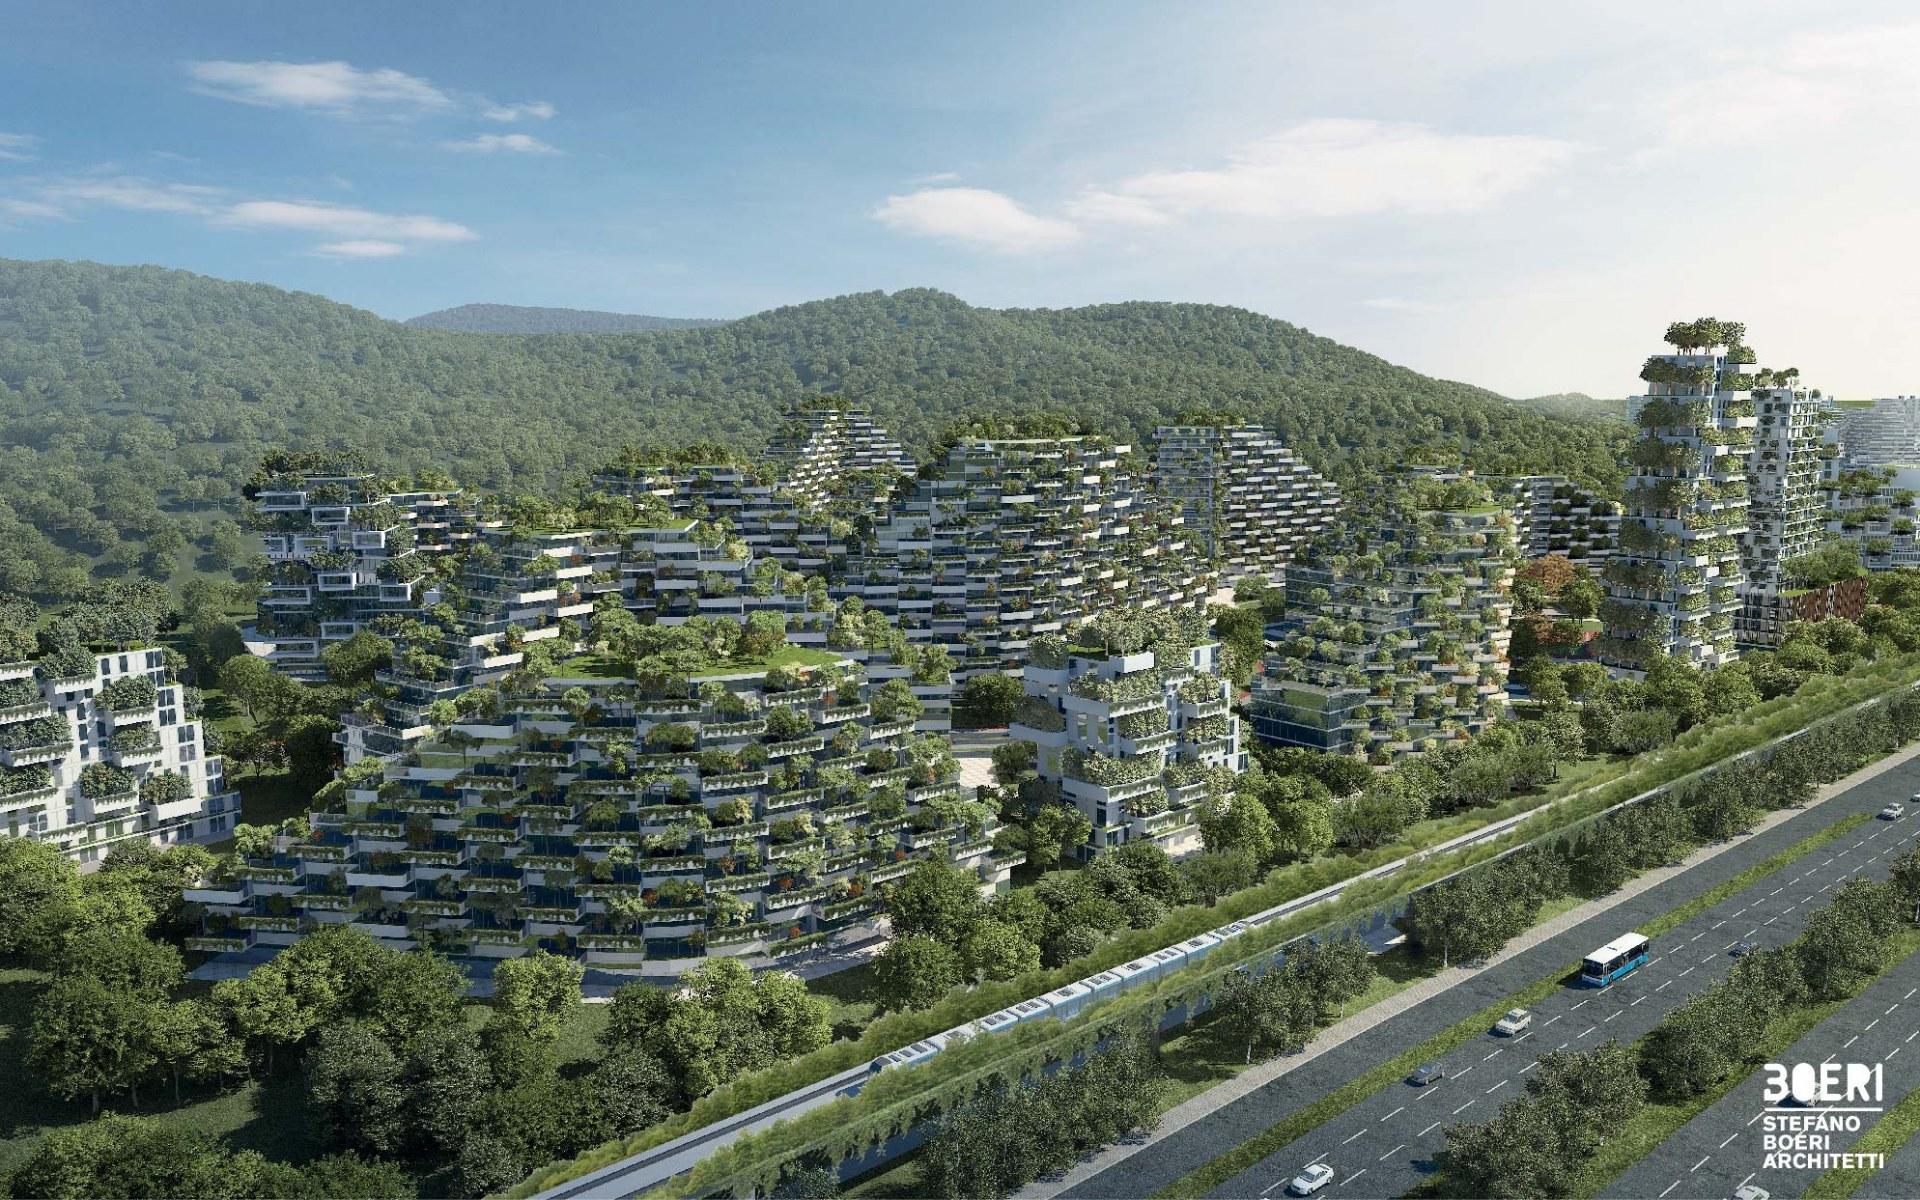 'Architettura verde' in città, gli alberi ci salveranno!